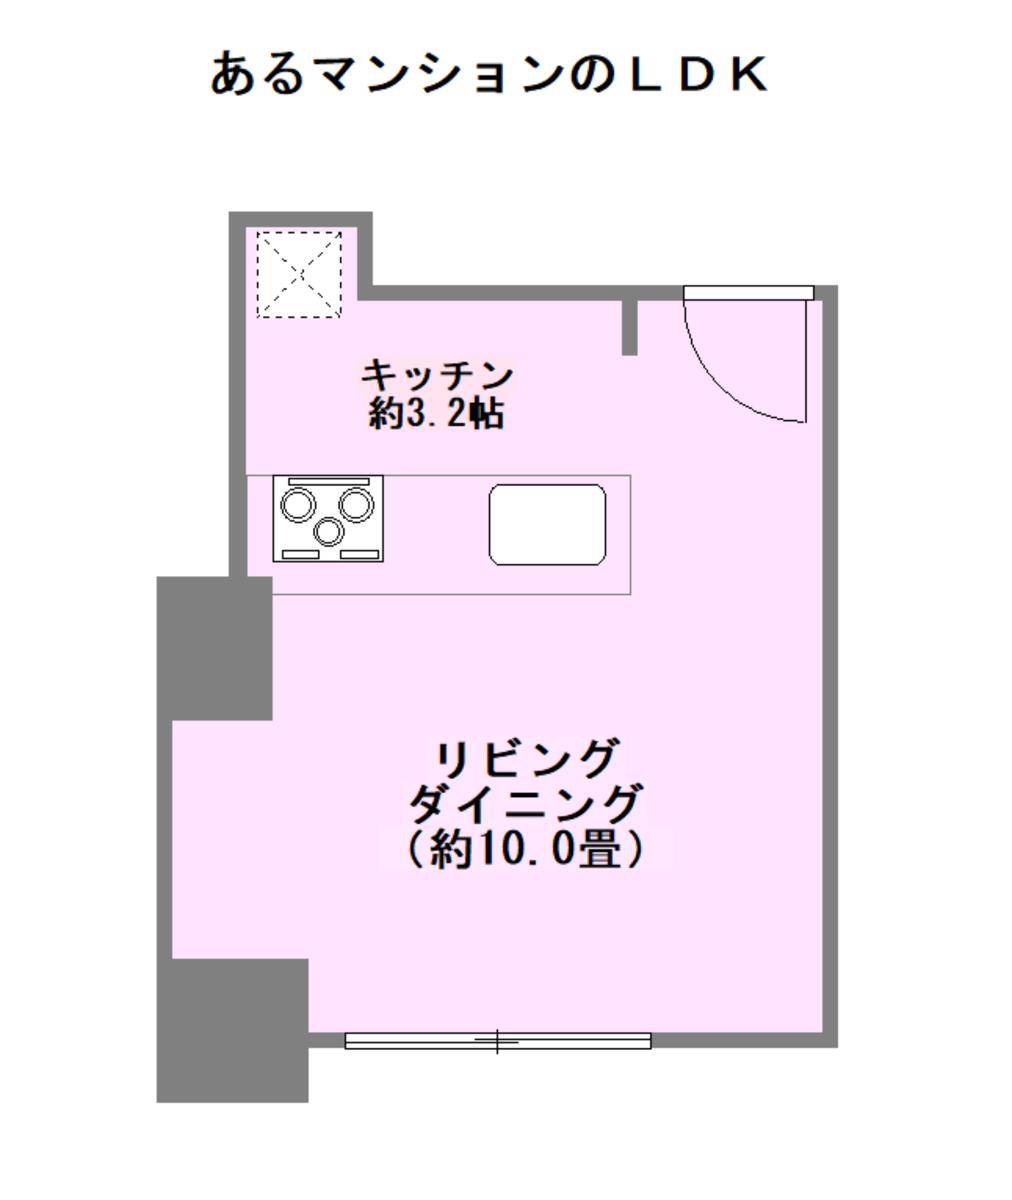 f:id:murakoshi5:20190407000051j:plain